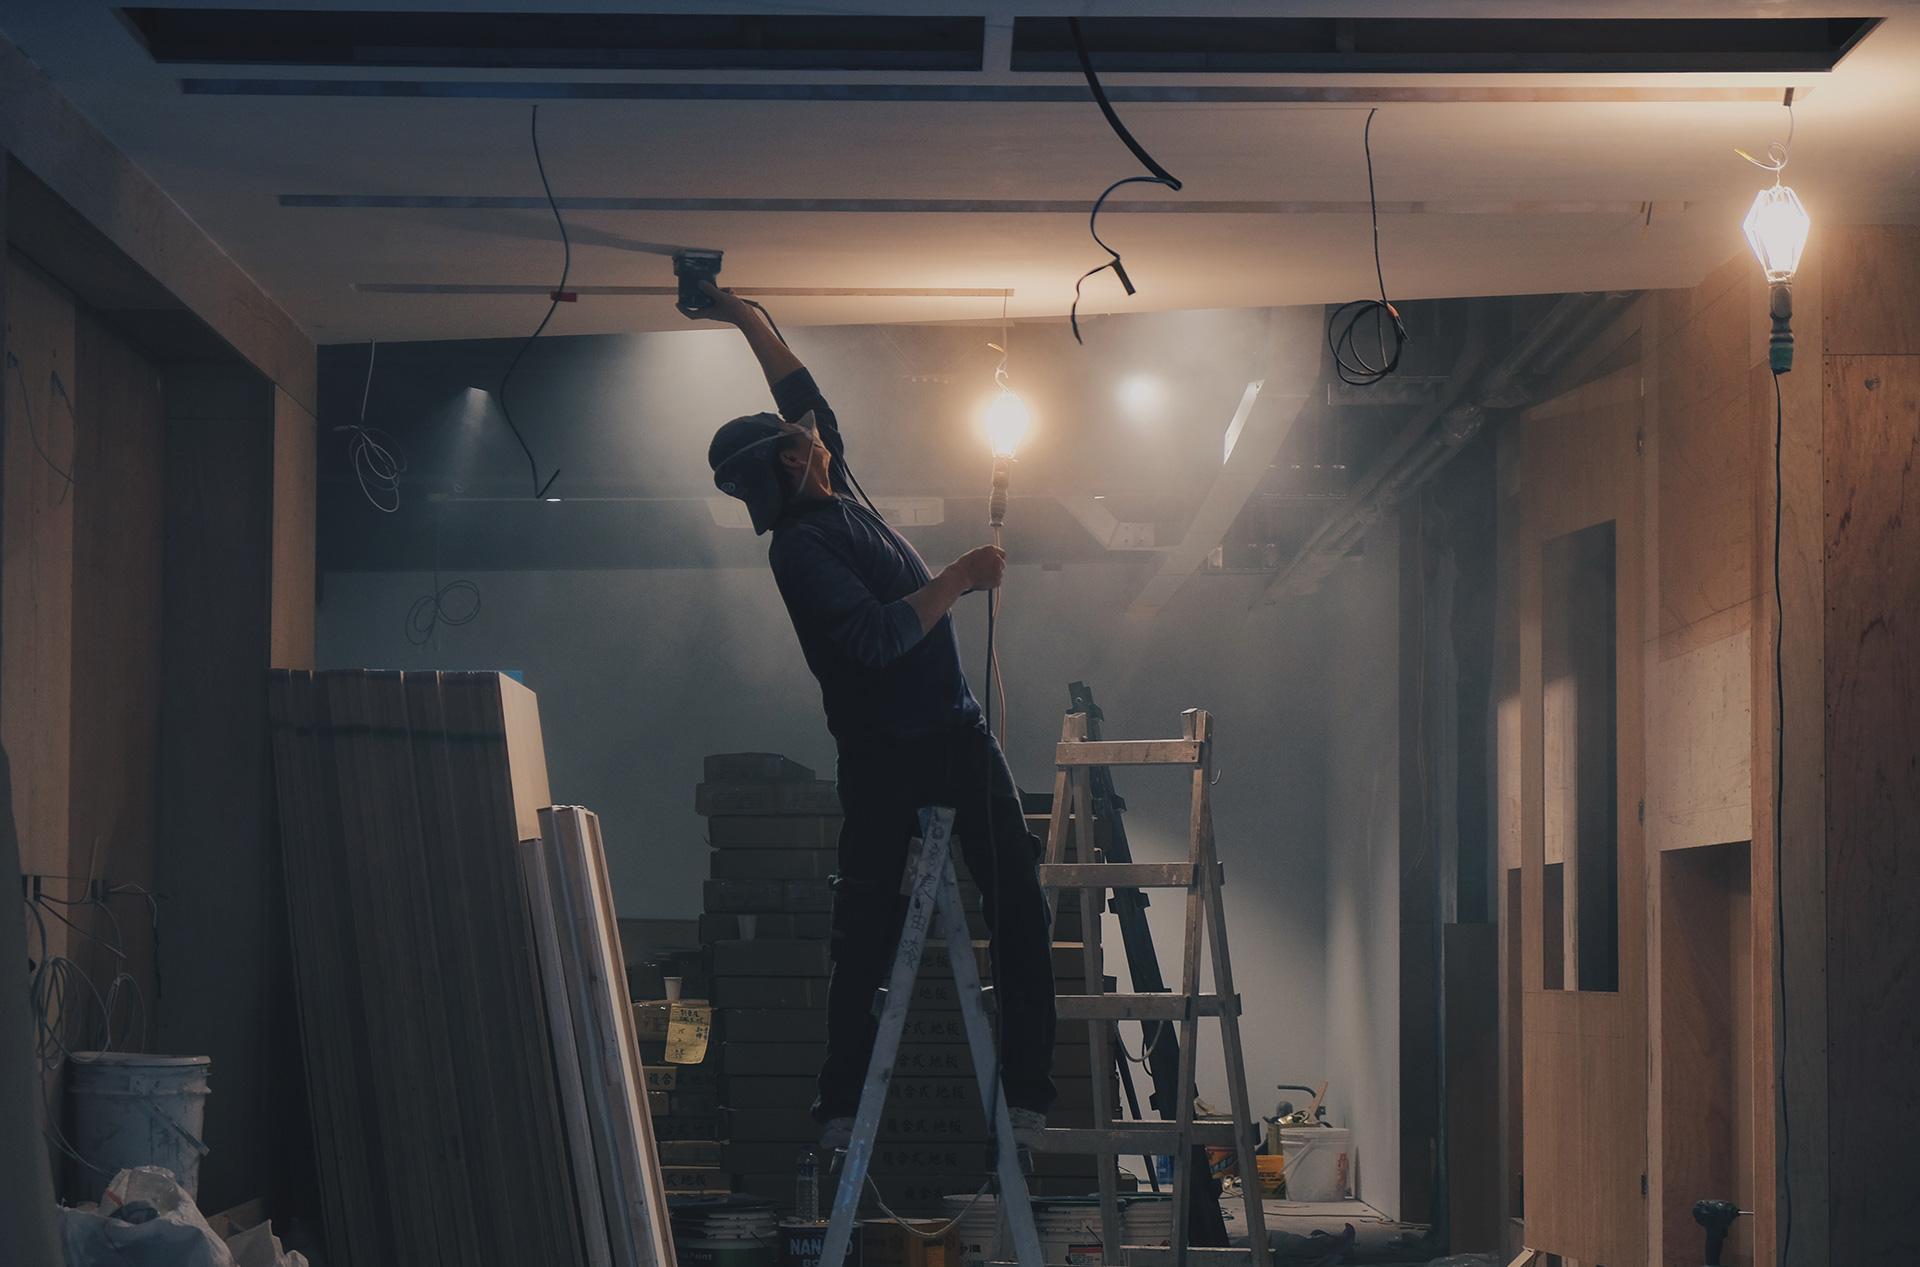 Wordman sanding down ceiling.